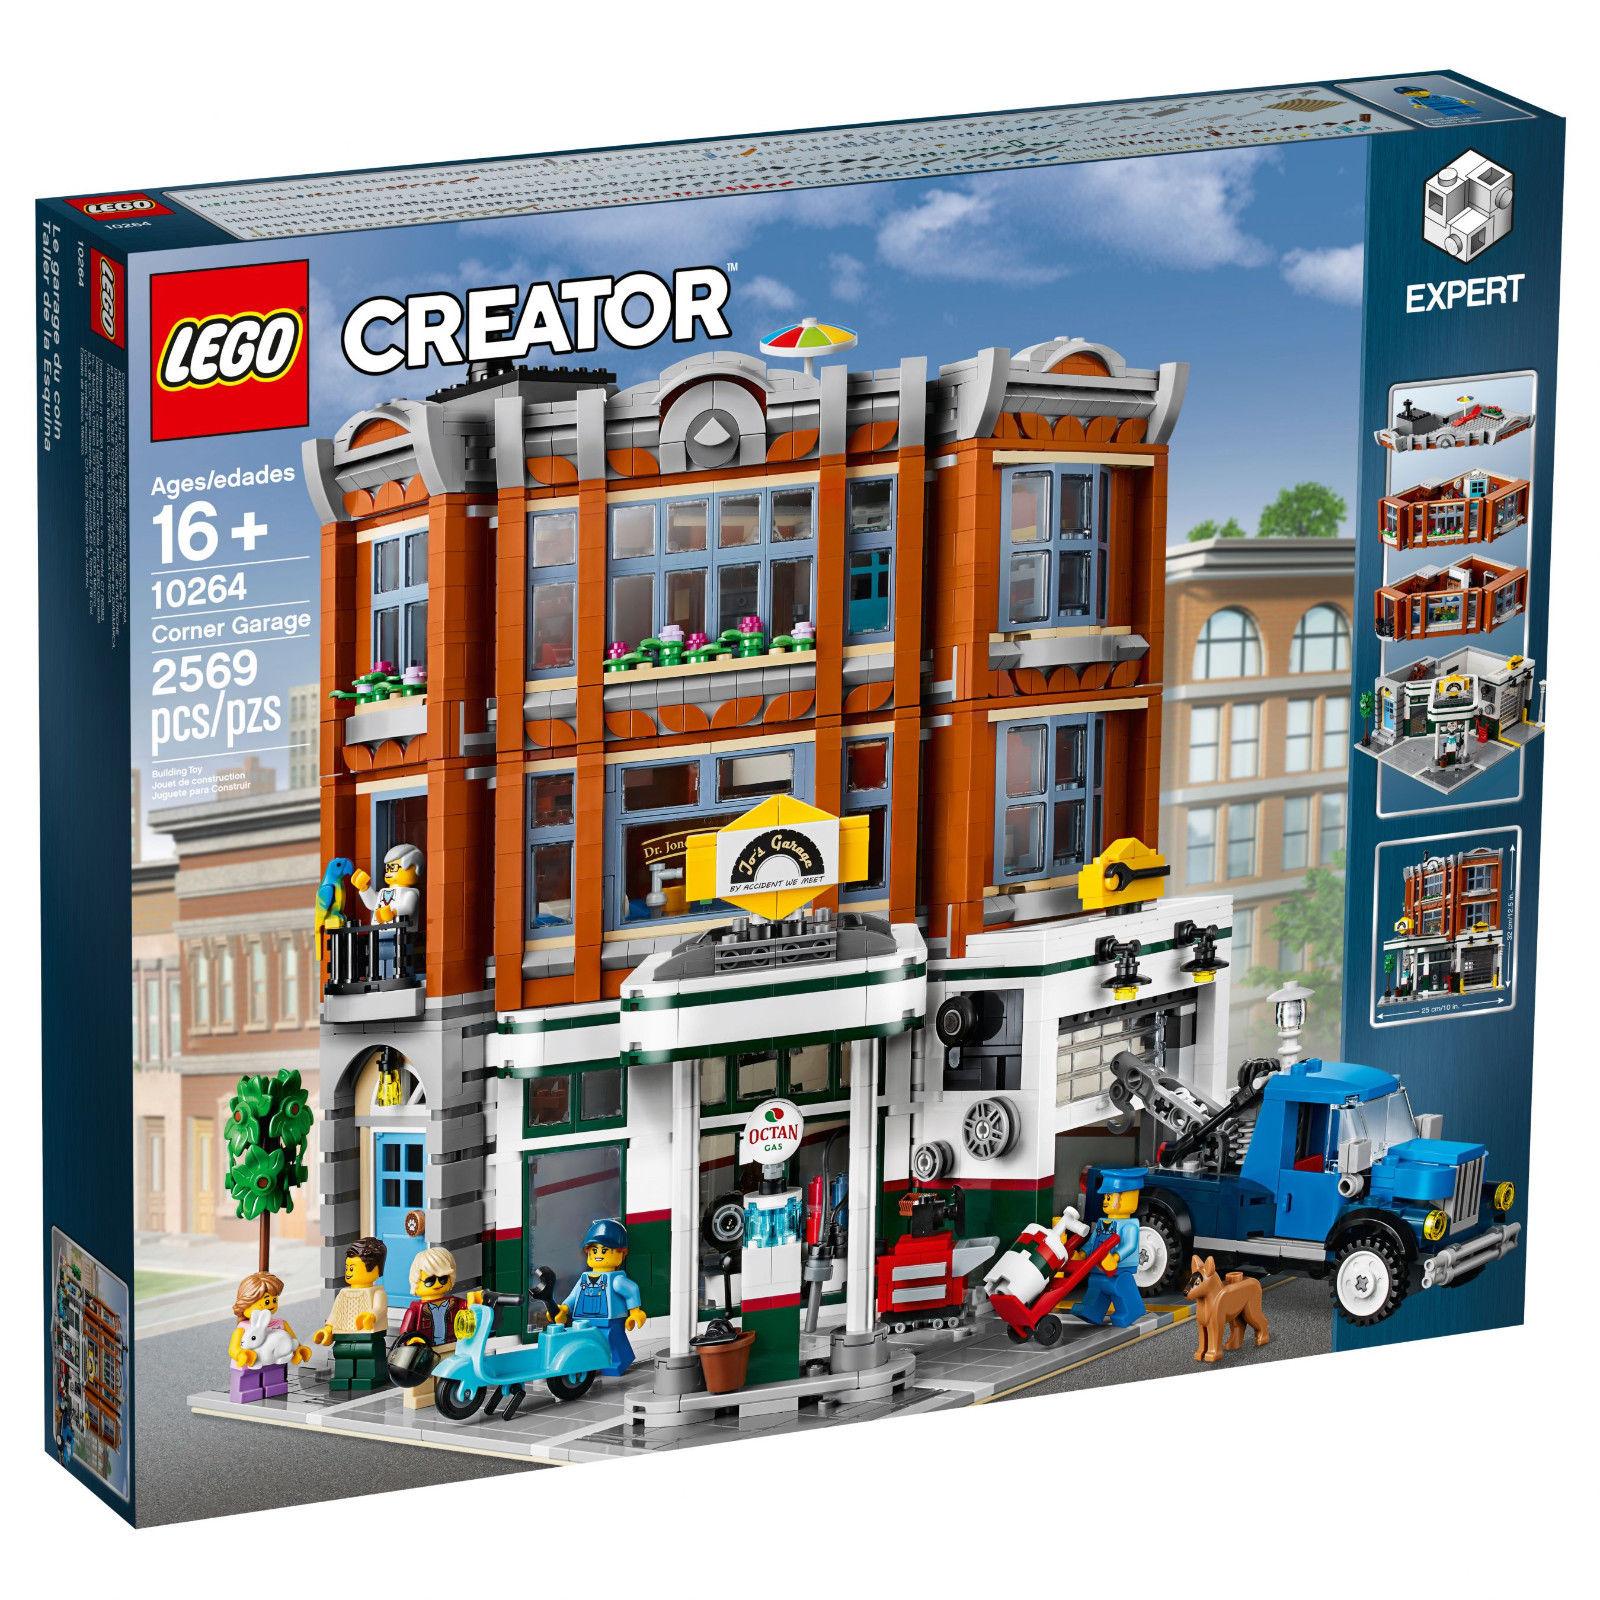 LEGO Creator Expert 10264 Eckgarage für 148,94€ [Karstadt]